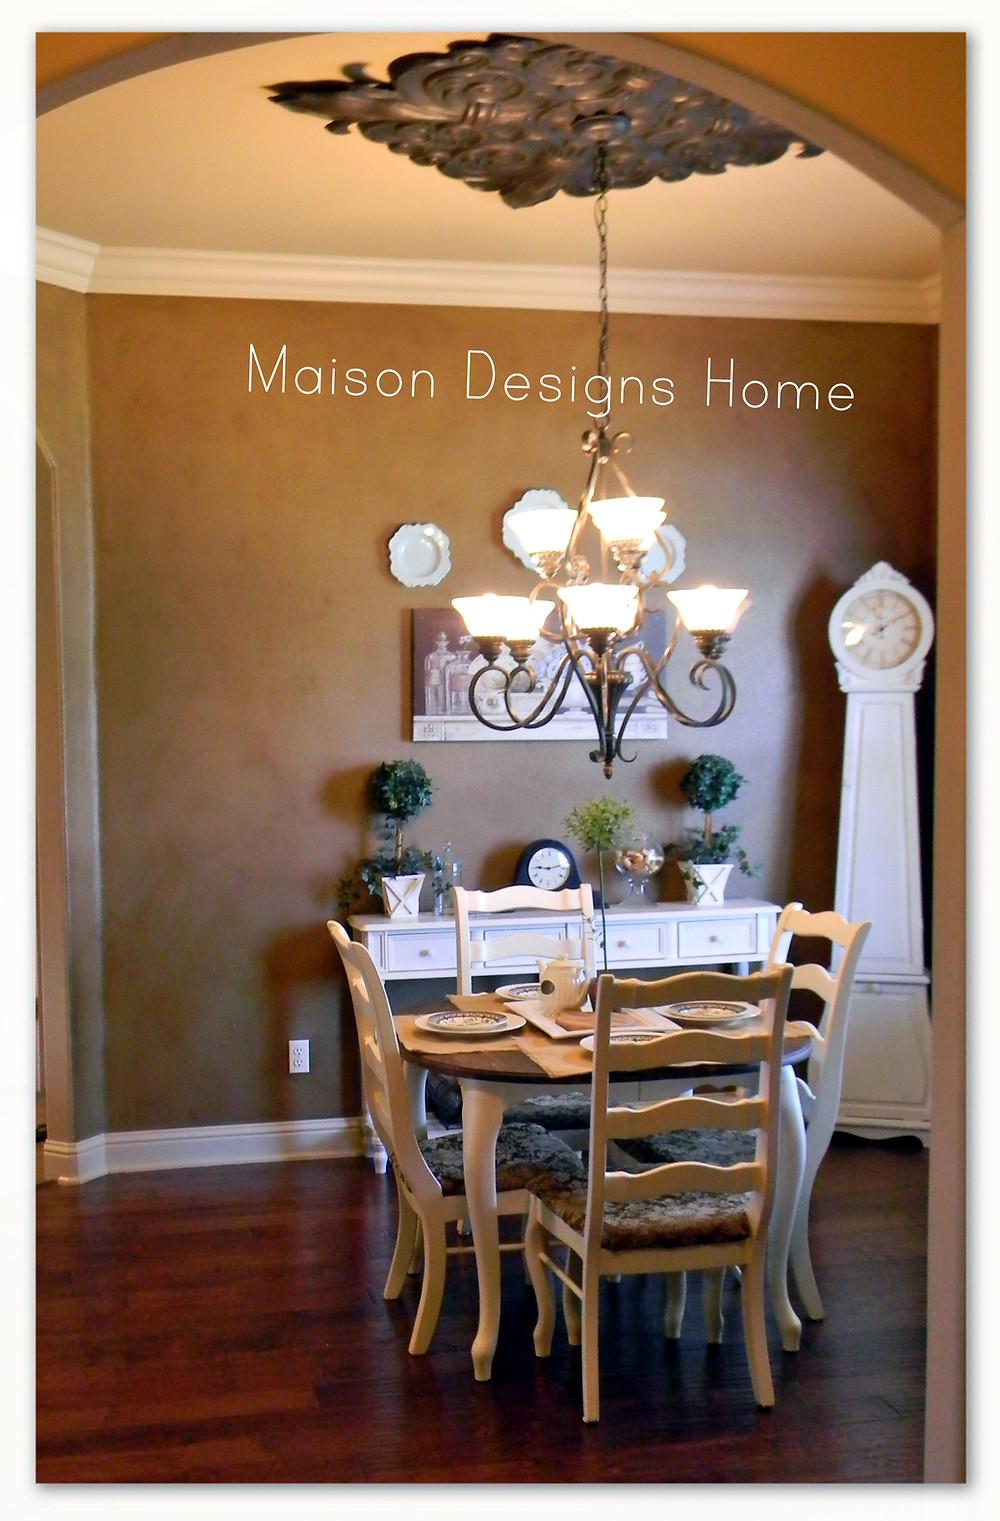 Maison Designs